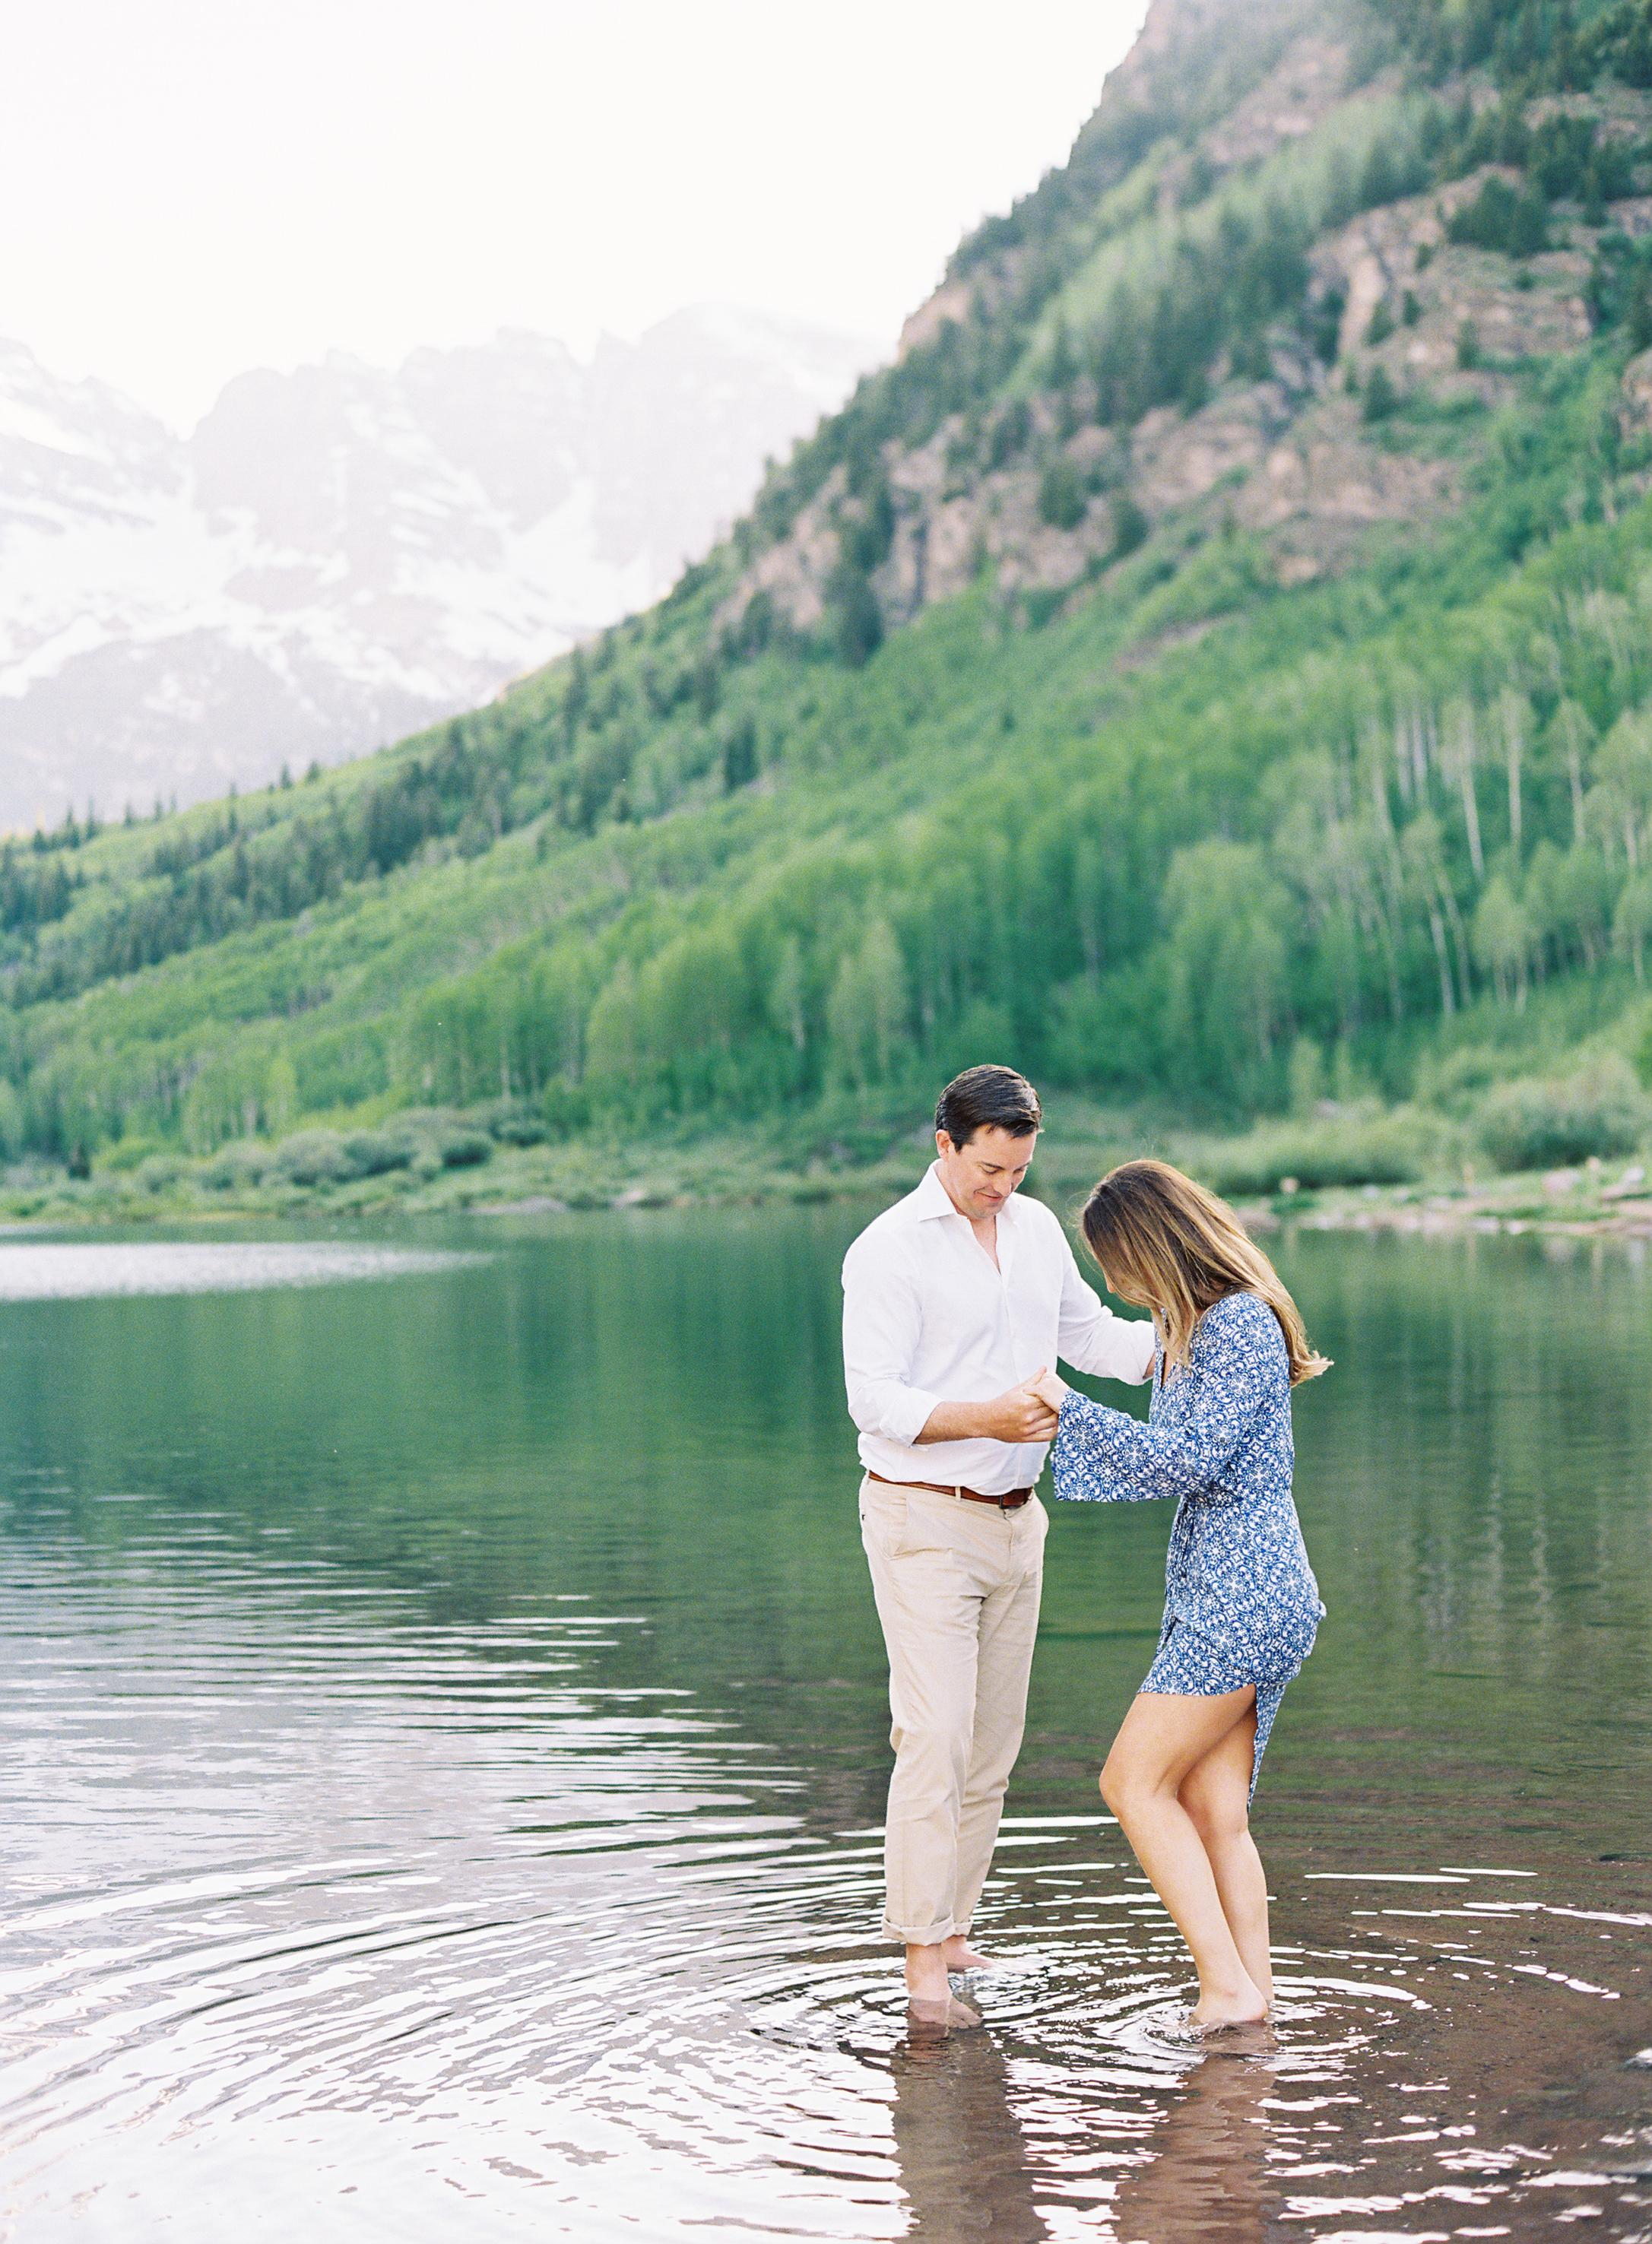 Amy and Matt-engagement-Carrie King Photographer-49.jpg